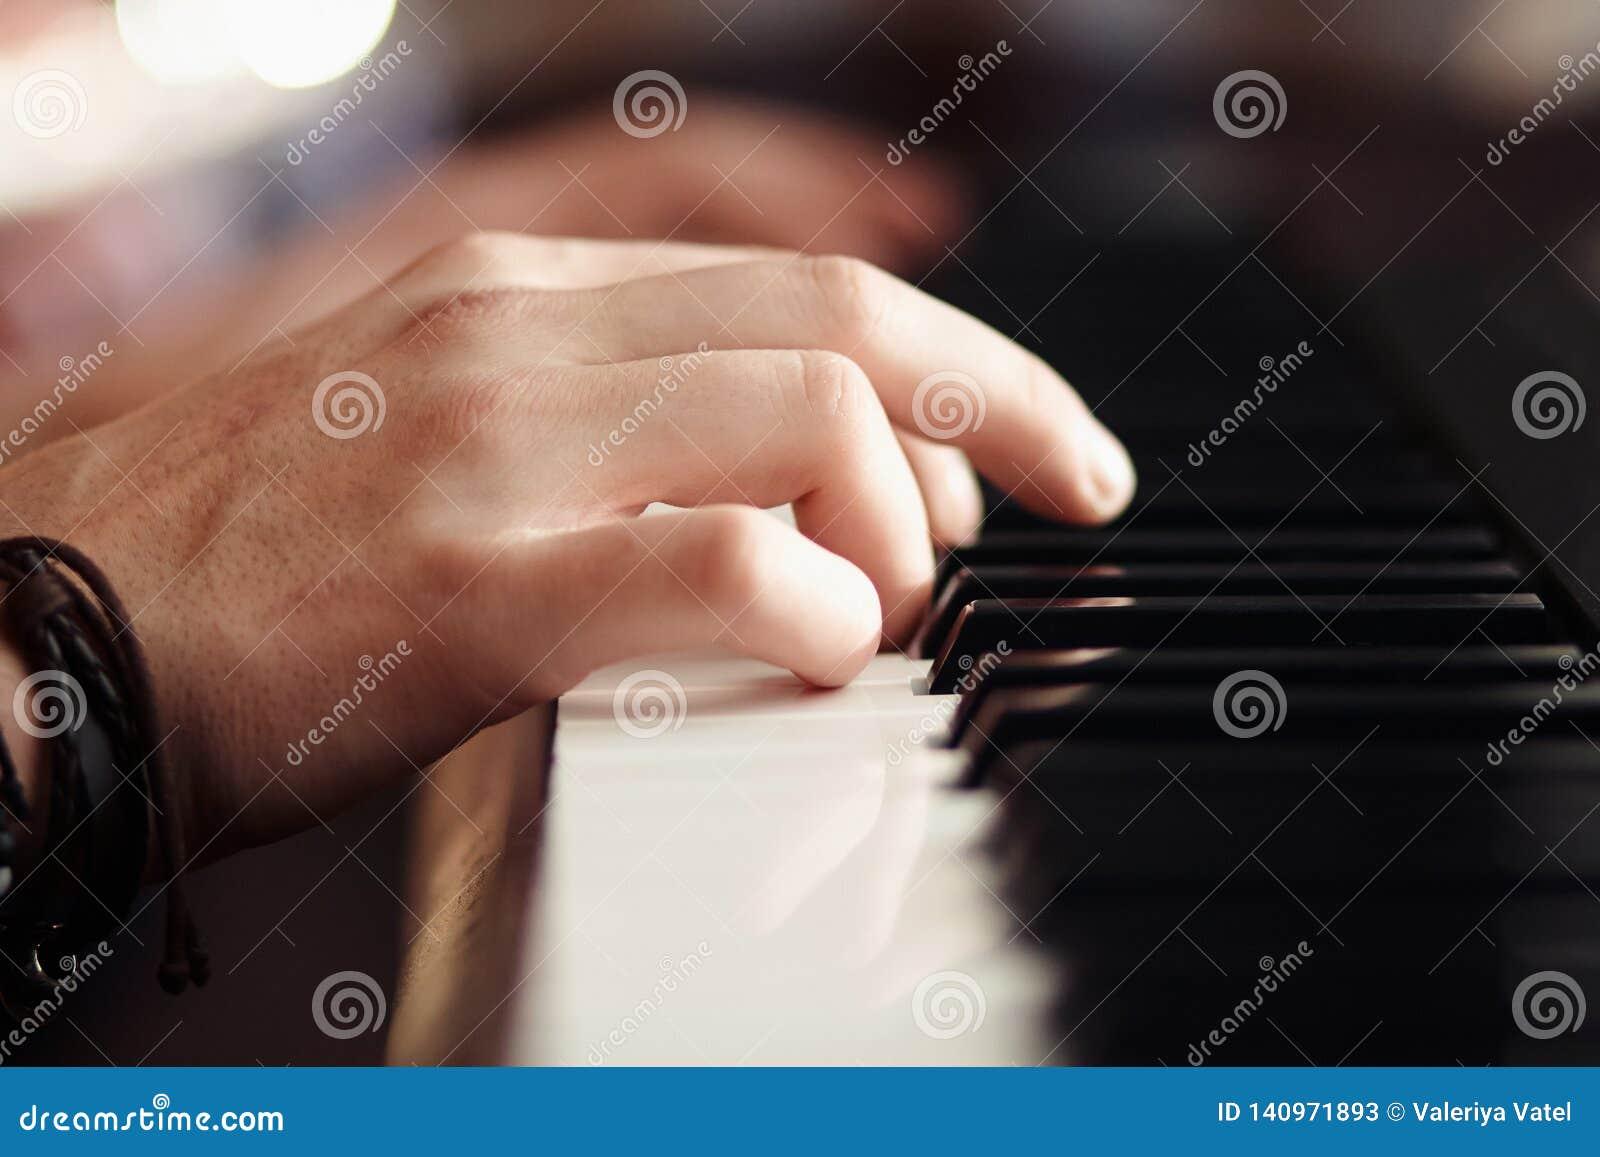 As mãos jogam em um sintetizador musical moderno